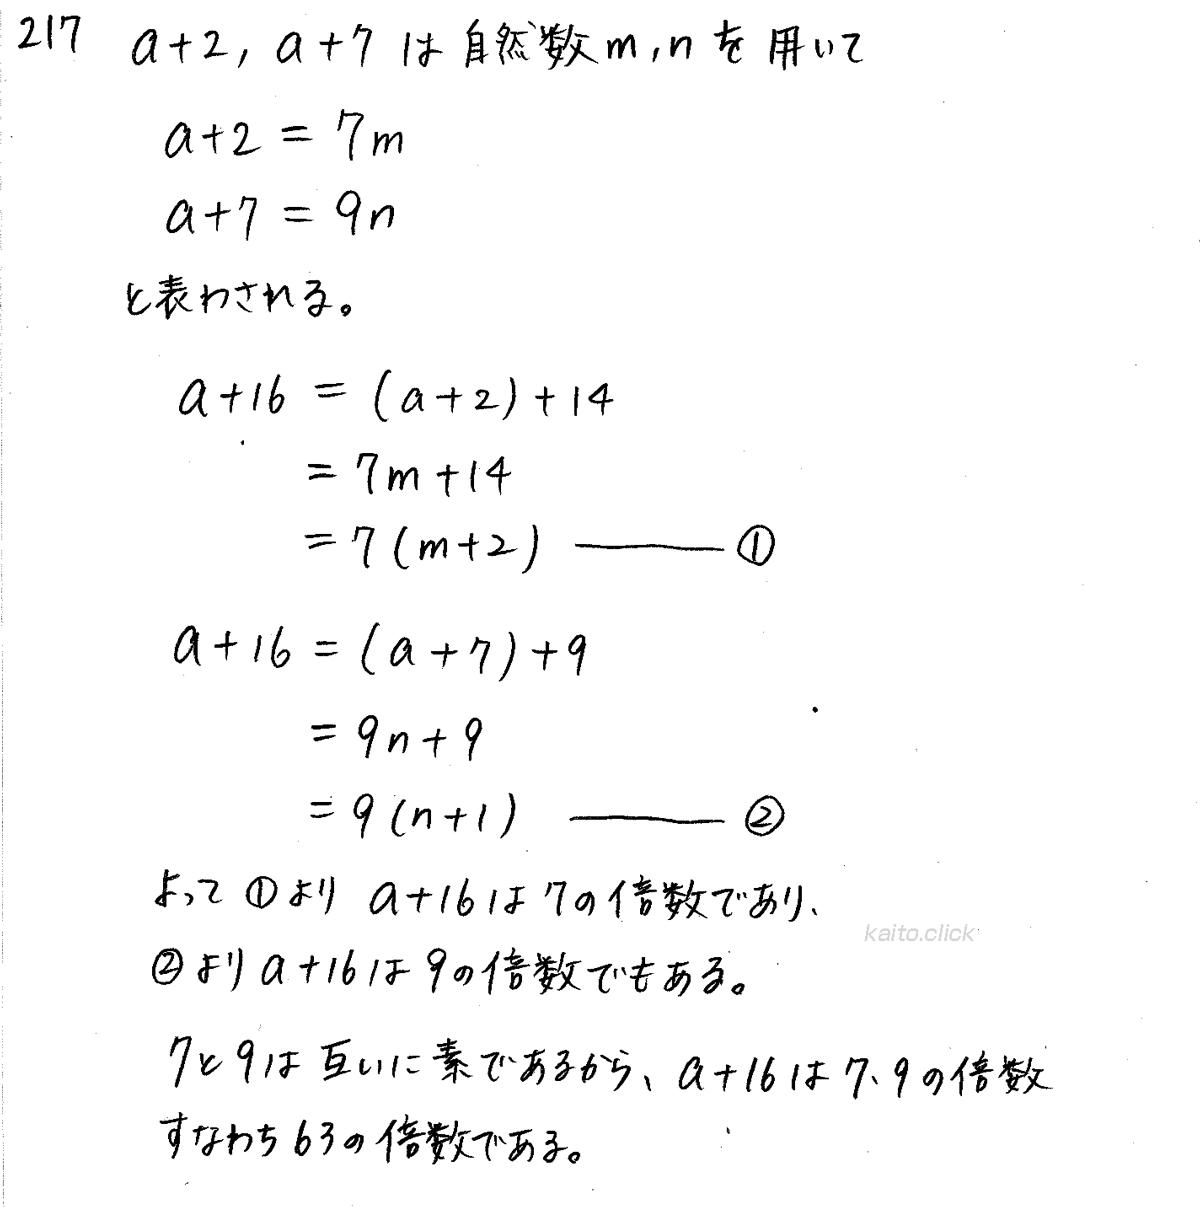 クリアー数学A-217解答